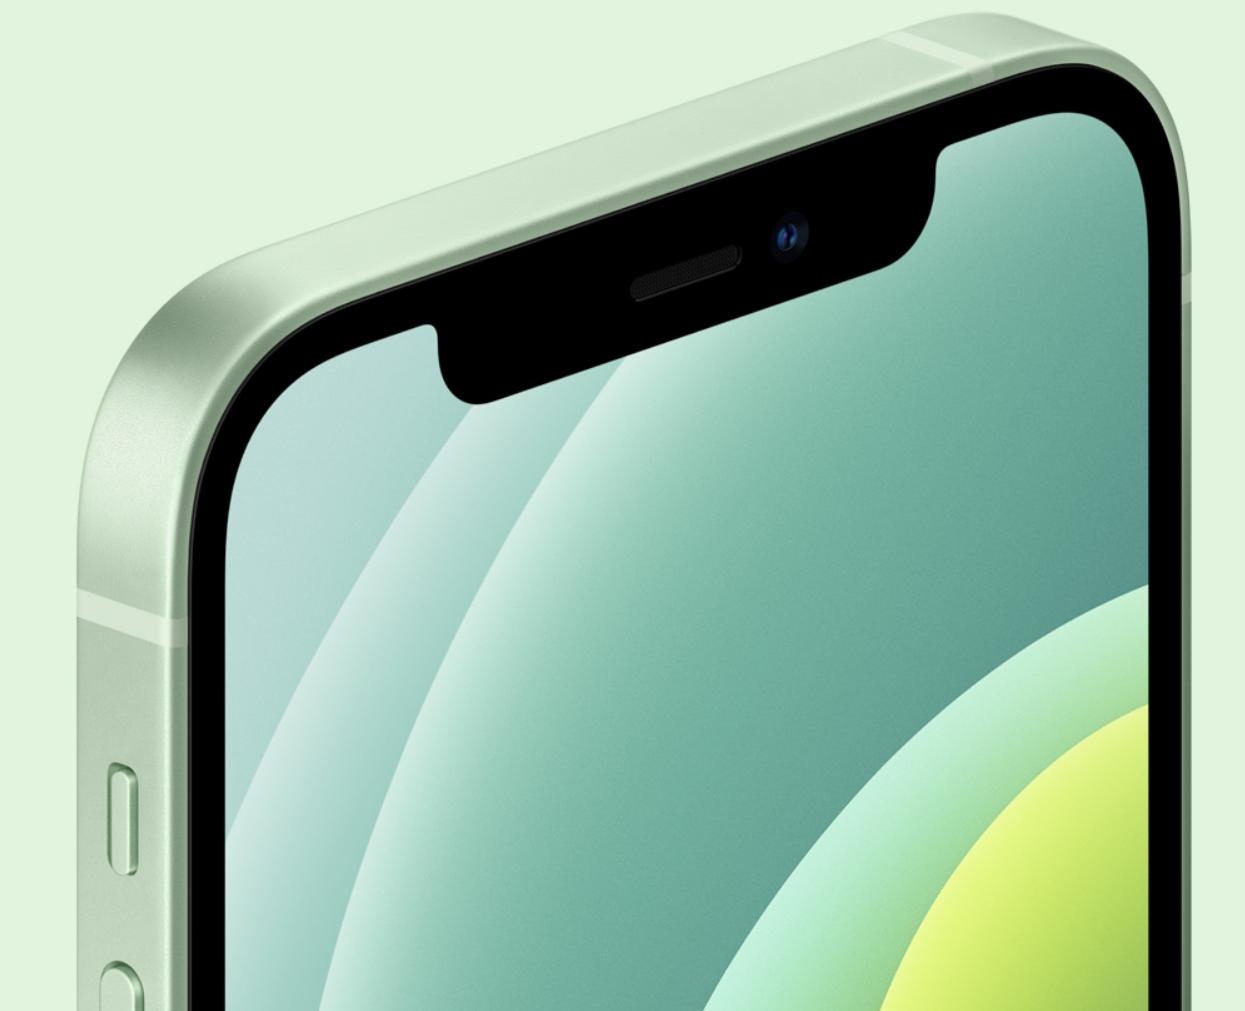 苹果向康宁增加 4500 万美元投资,用以推动更多玻璃生产新技术